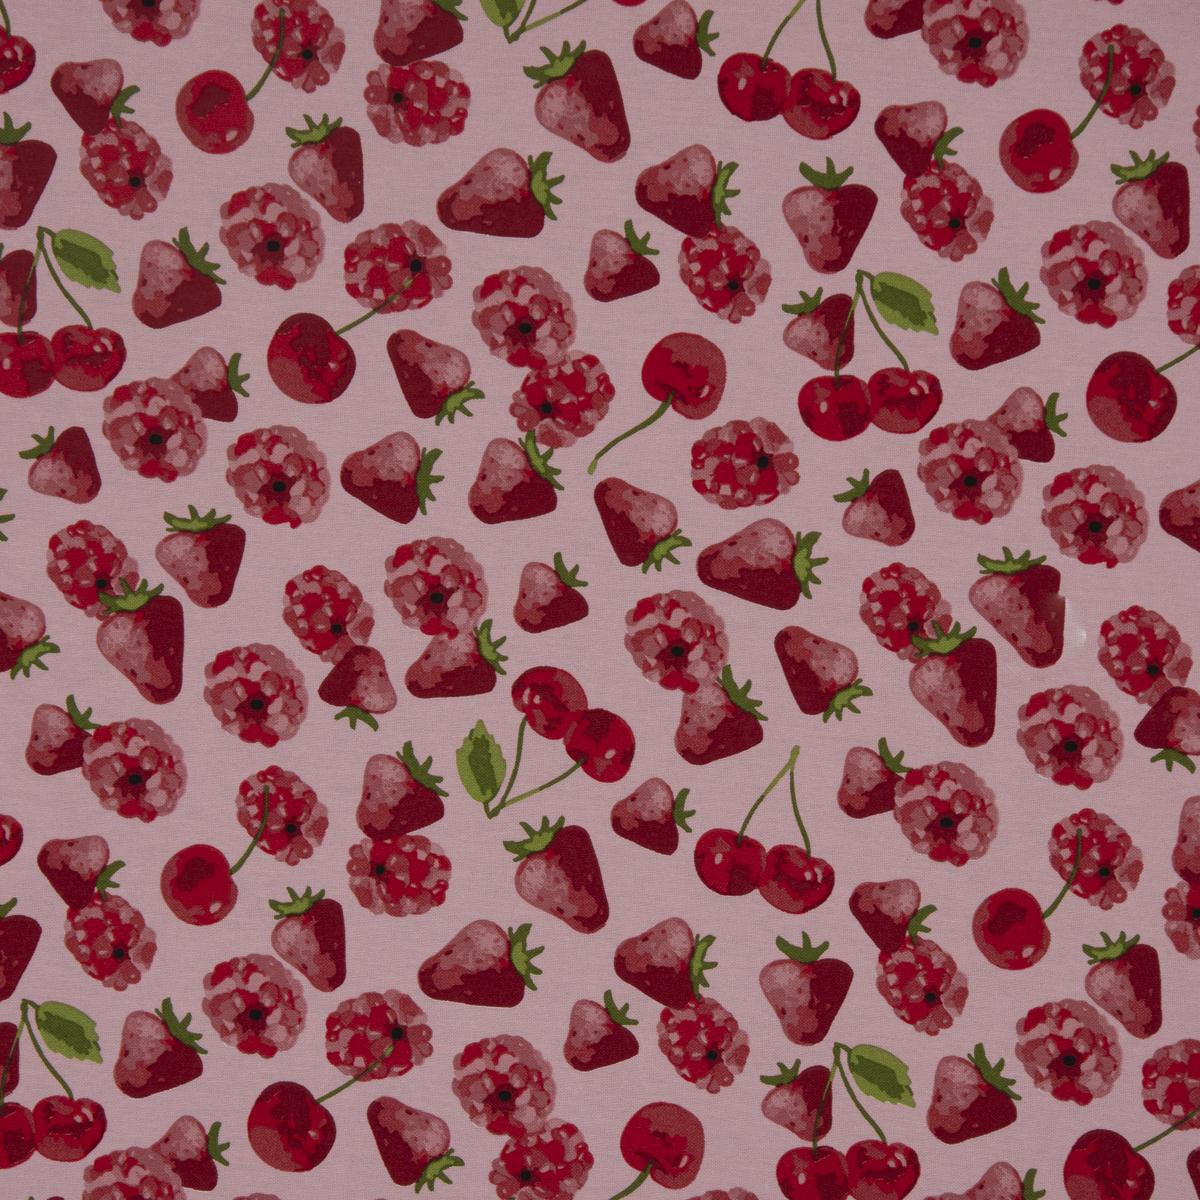 Dekostoff Ottoman Canvas Früchte Erdbeeren Kirschen Himbeeren rosa, pink 1,40m Breite